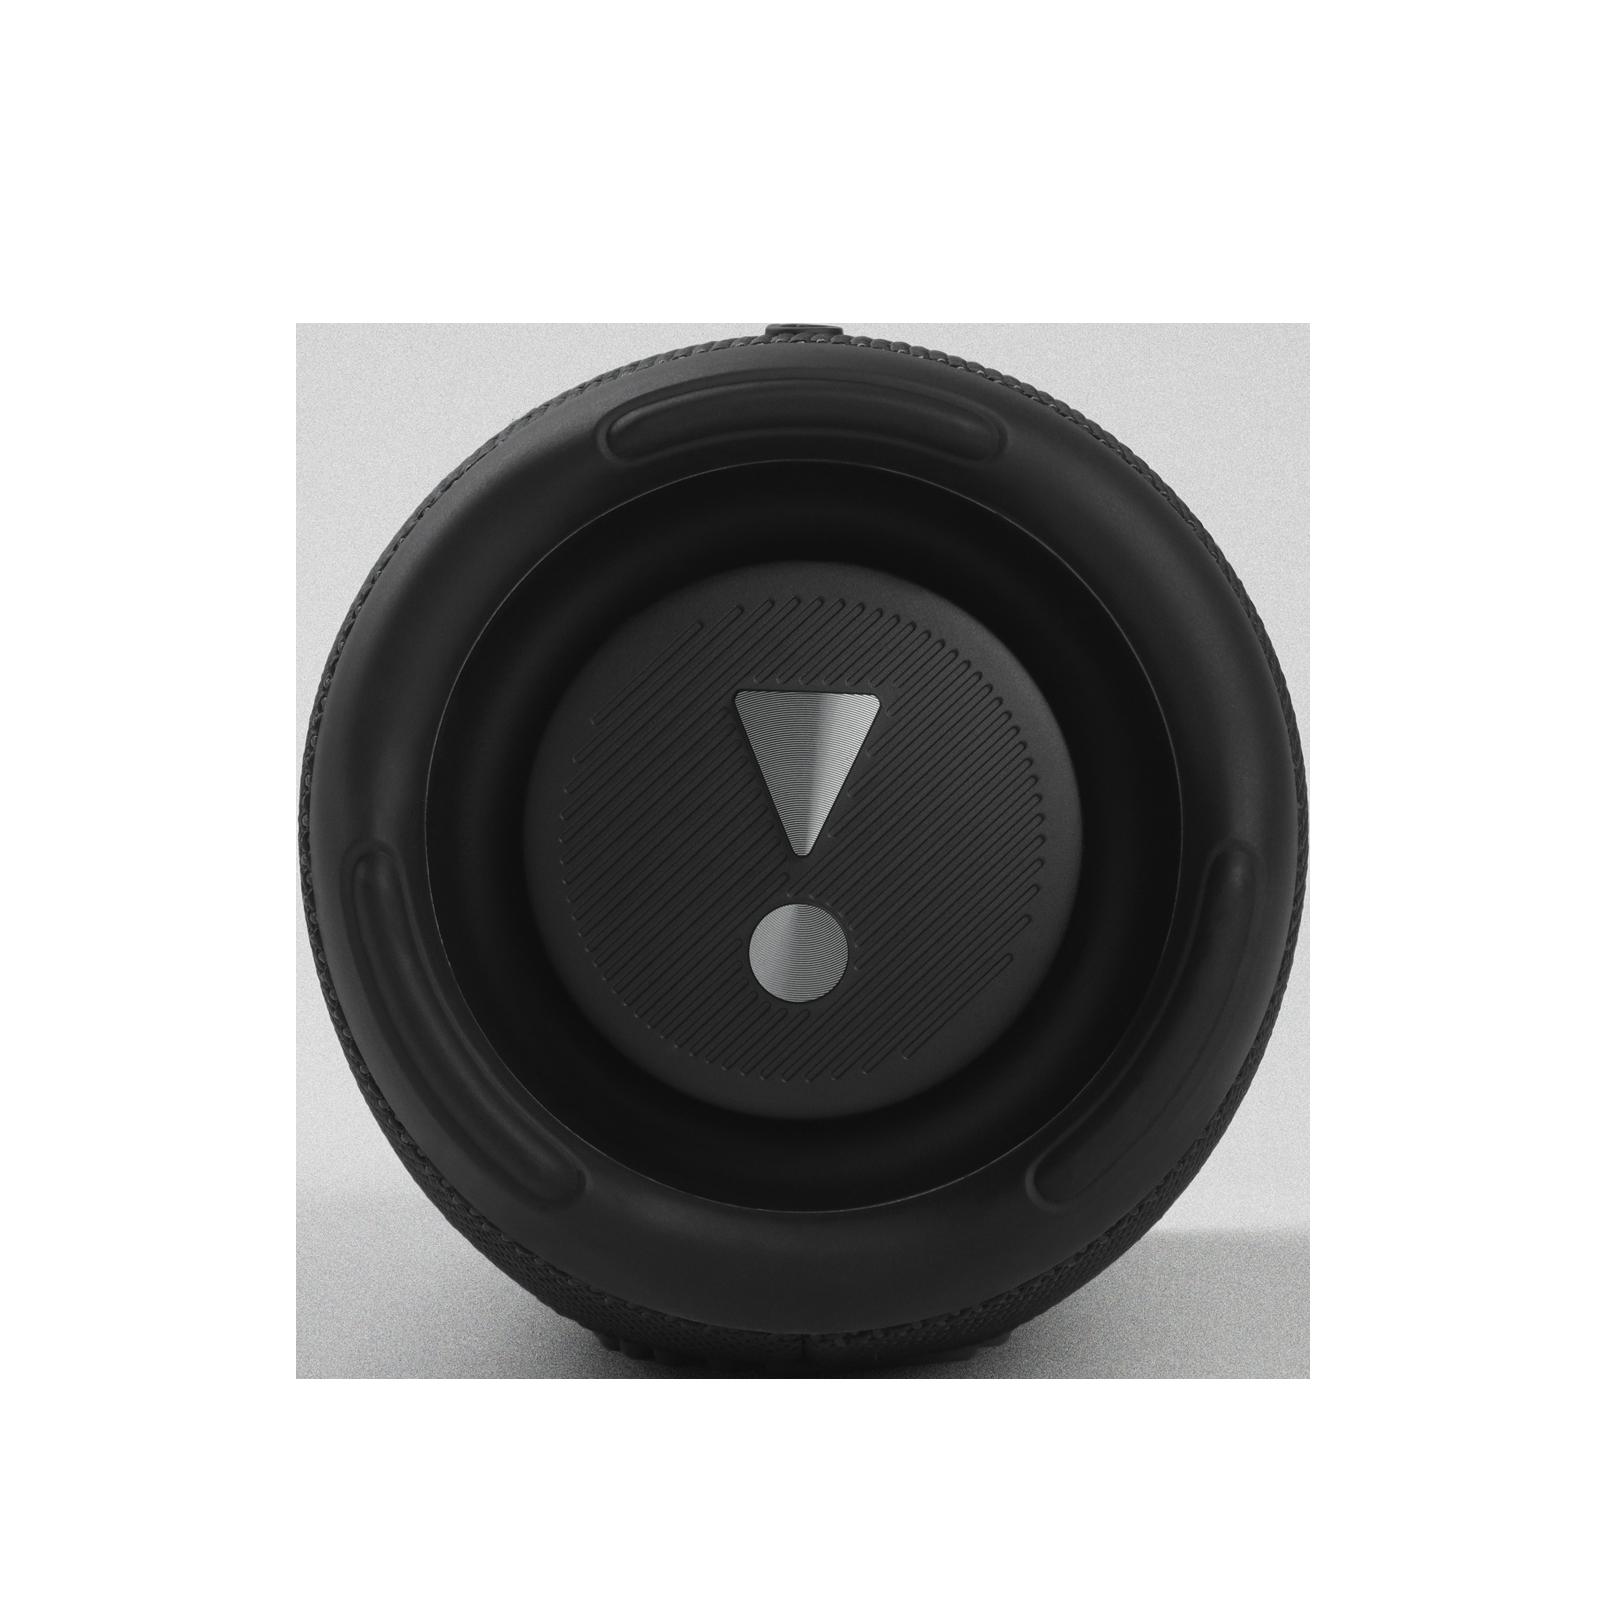 JBL Charge 5 - Black - Portable Waterproof Speaker with Powerbank - Left